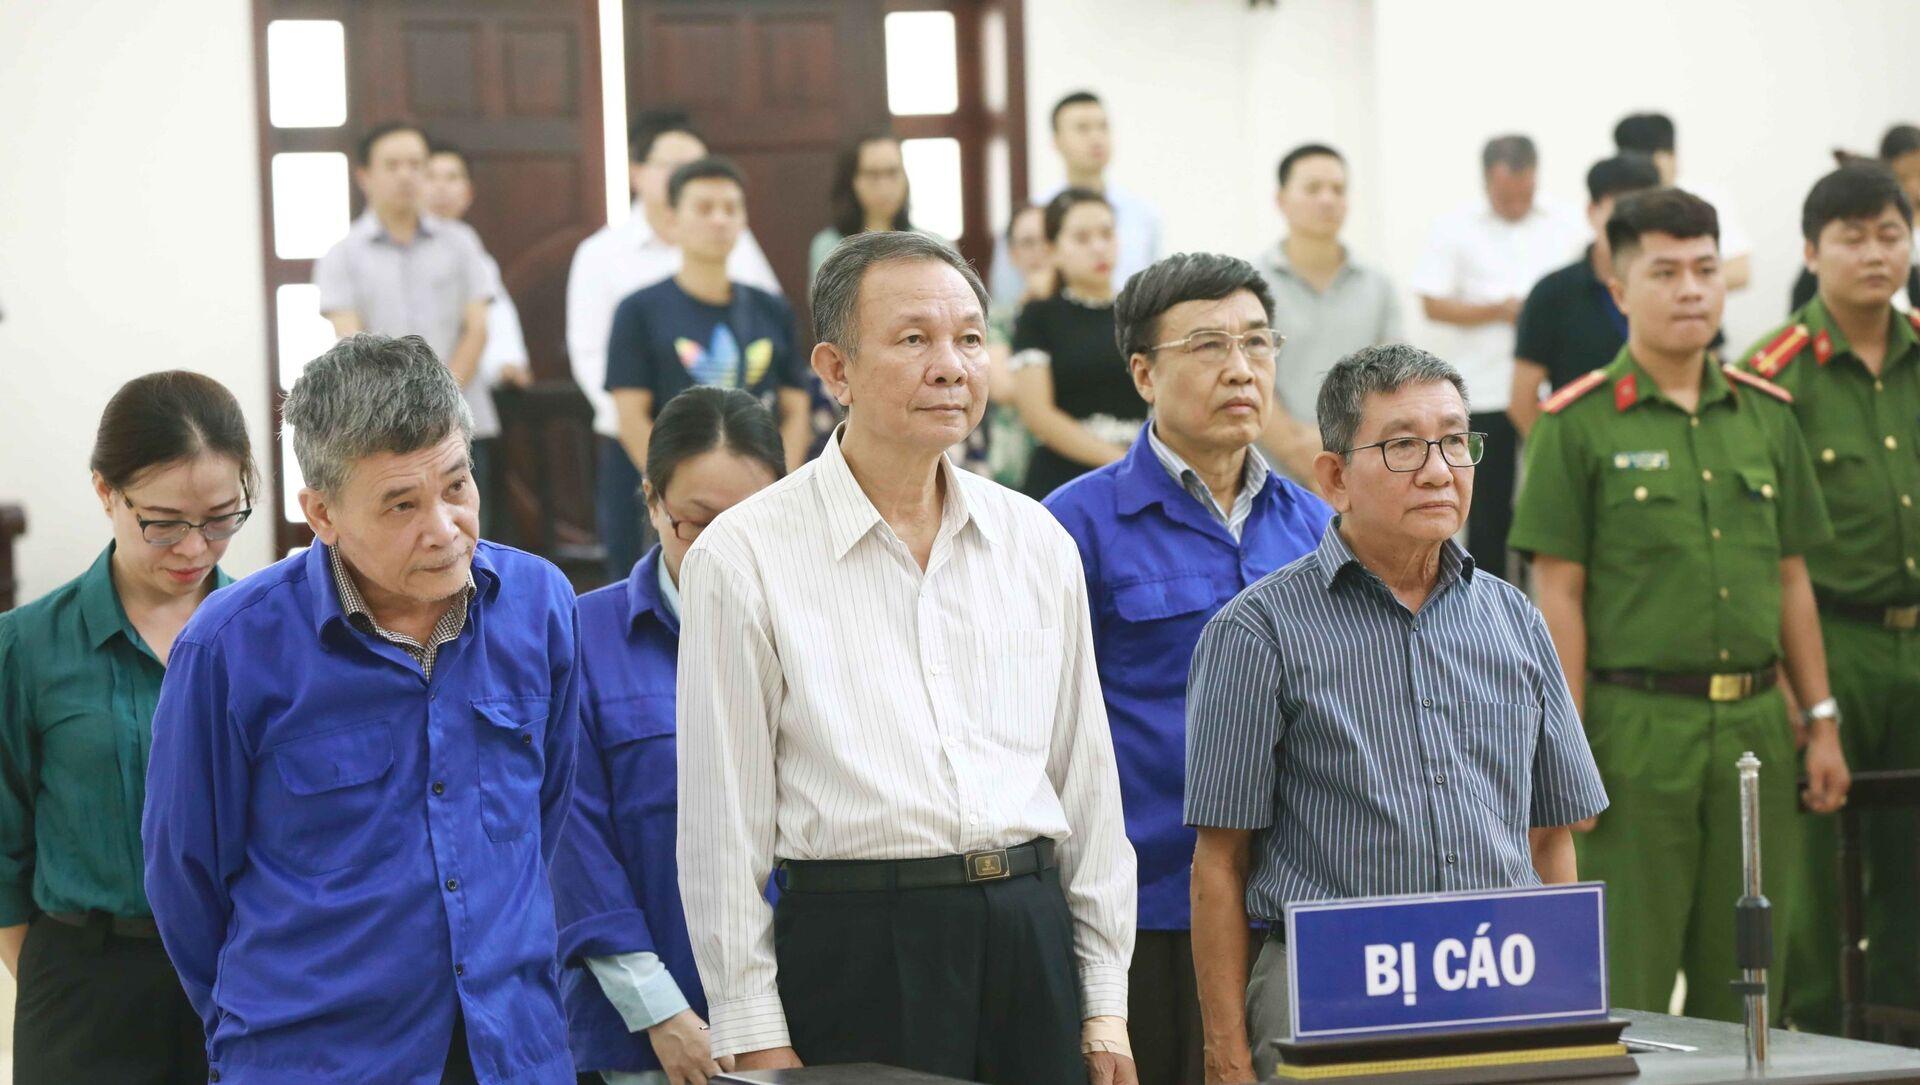 Nguyên Tổng Giám đốc BHXH Việt Nam Nguyễn Huy Ban (áo trắng) tại phiên toà xét xử ngày 25/9/2019. - Sputnik Việt Nam, 1920, 28.09.2021